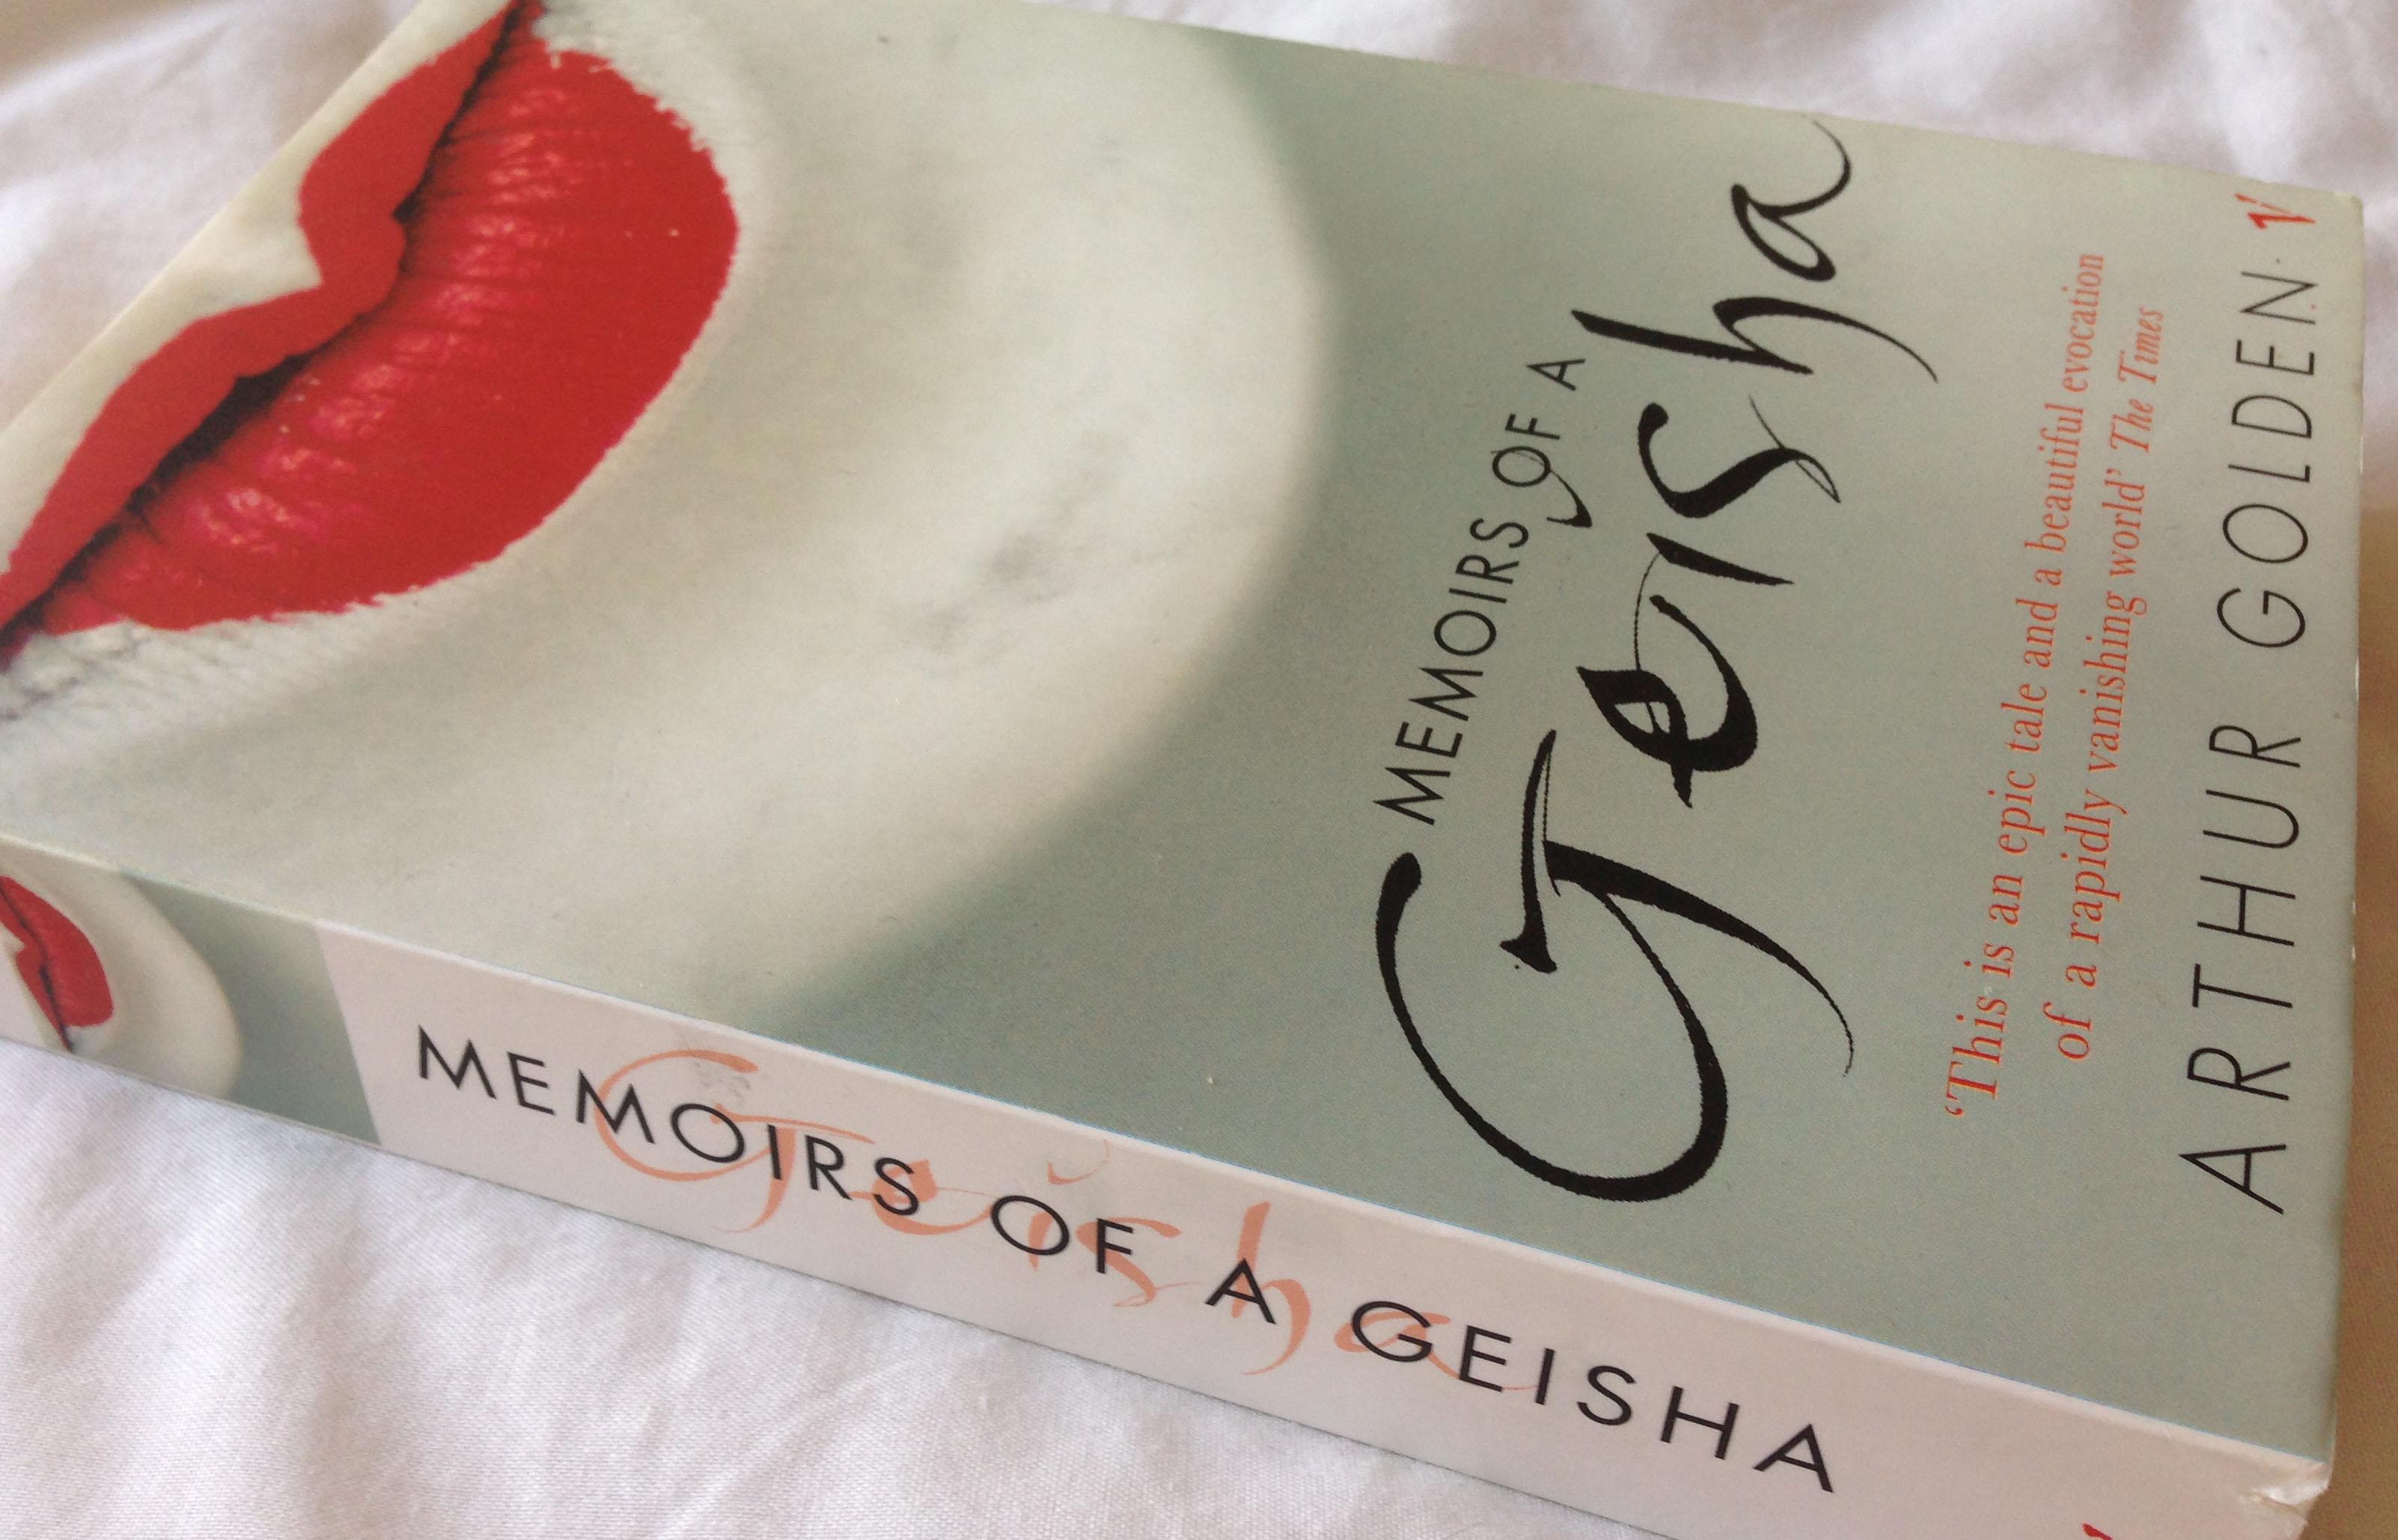 Memoir of geisha book